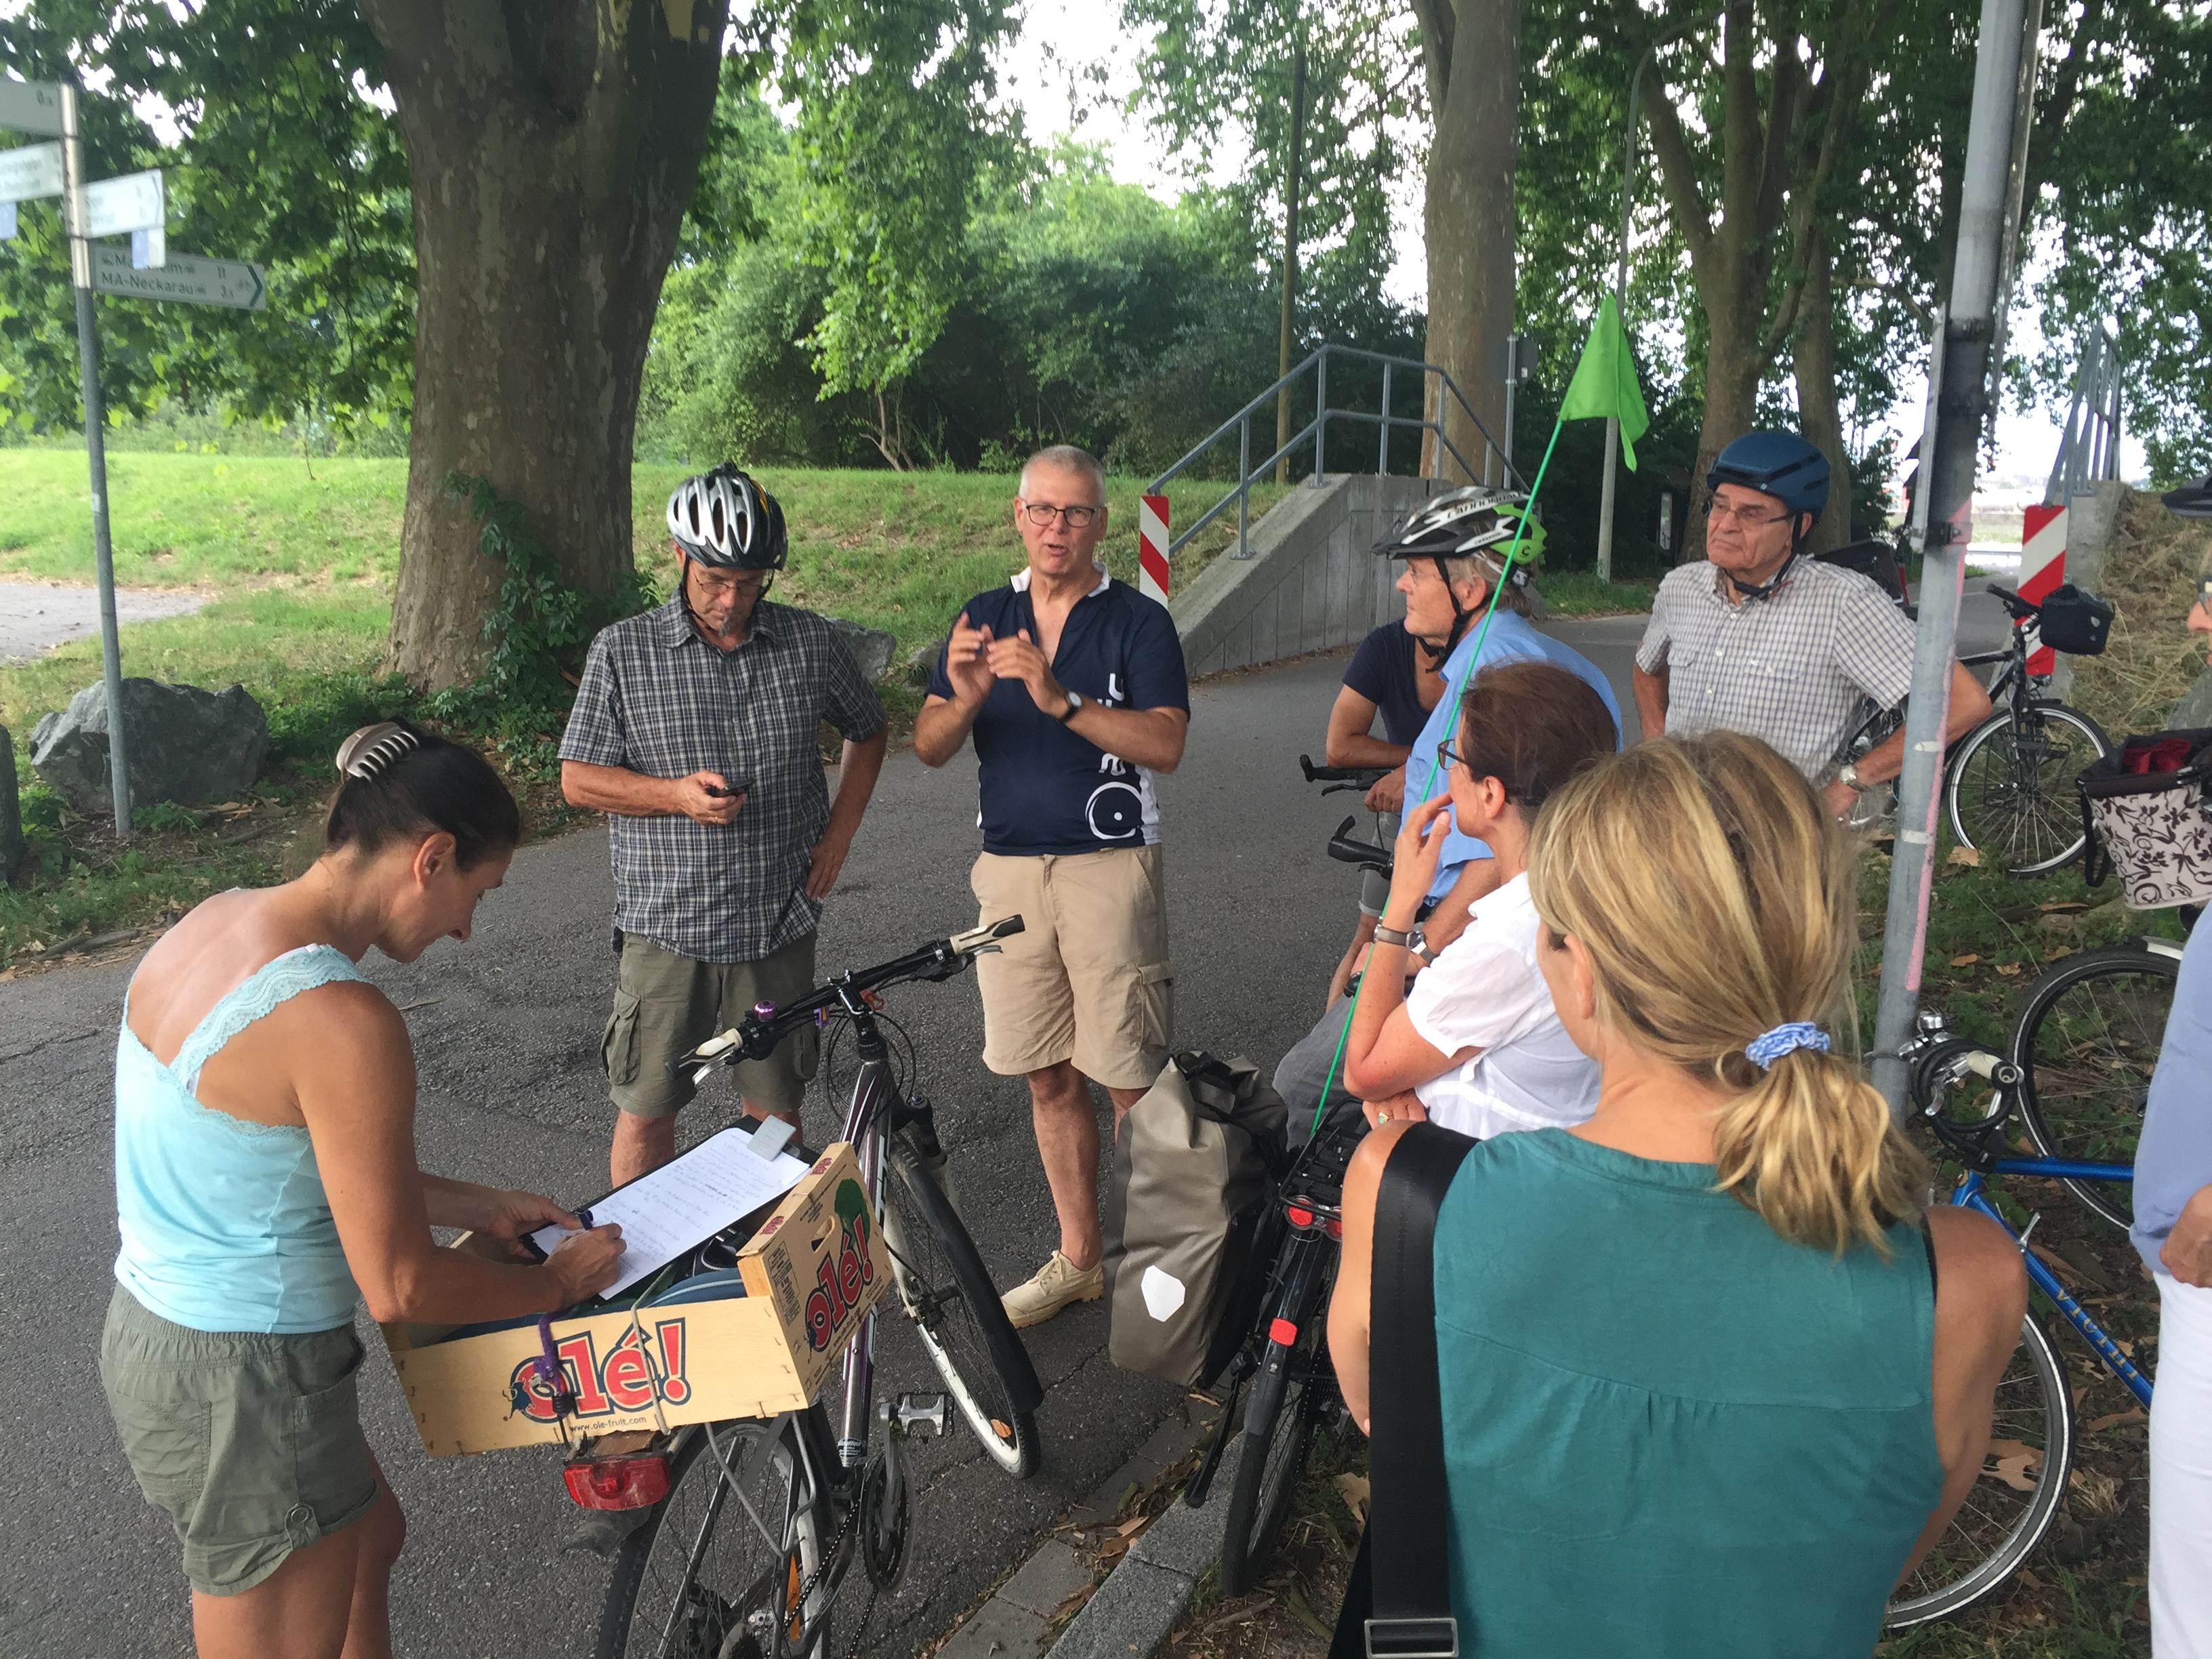 Mit dem Fahrrad durch Altrip: Aufschlussreiche Gespräche mit Christian von Staden, dem Landesvorsitzenden des ADFC